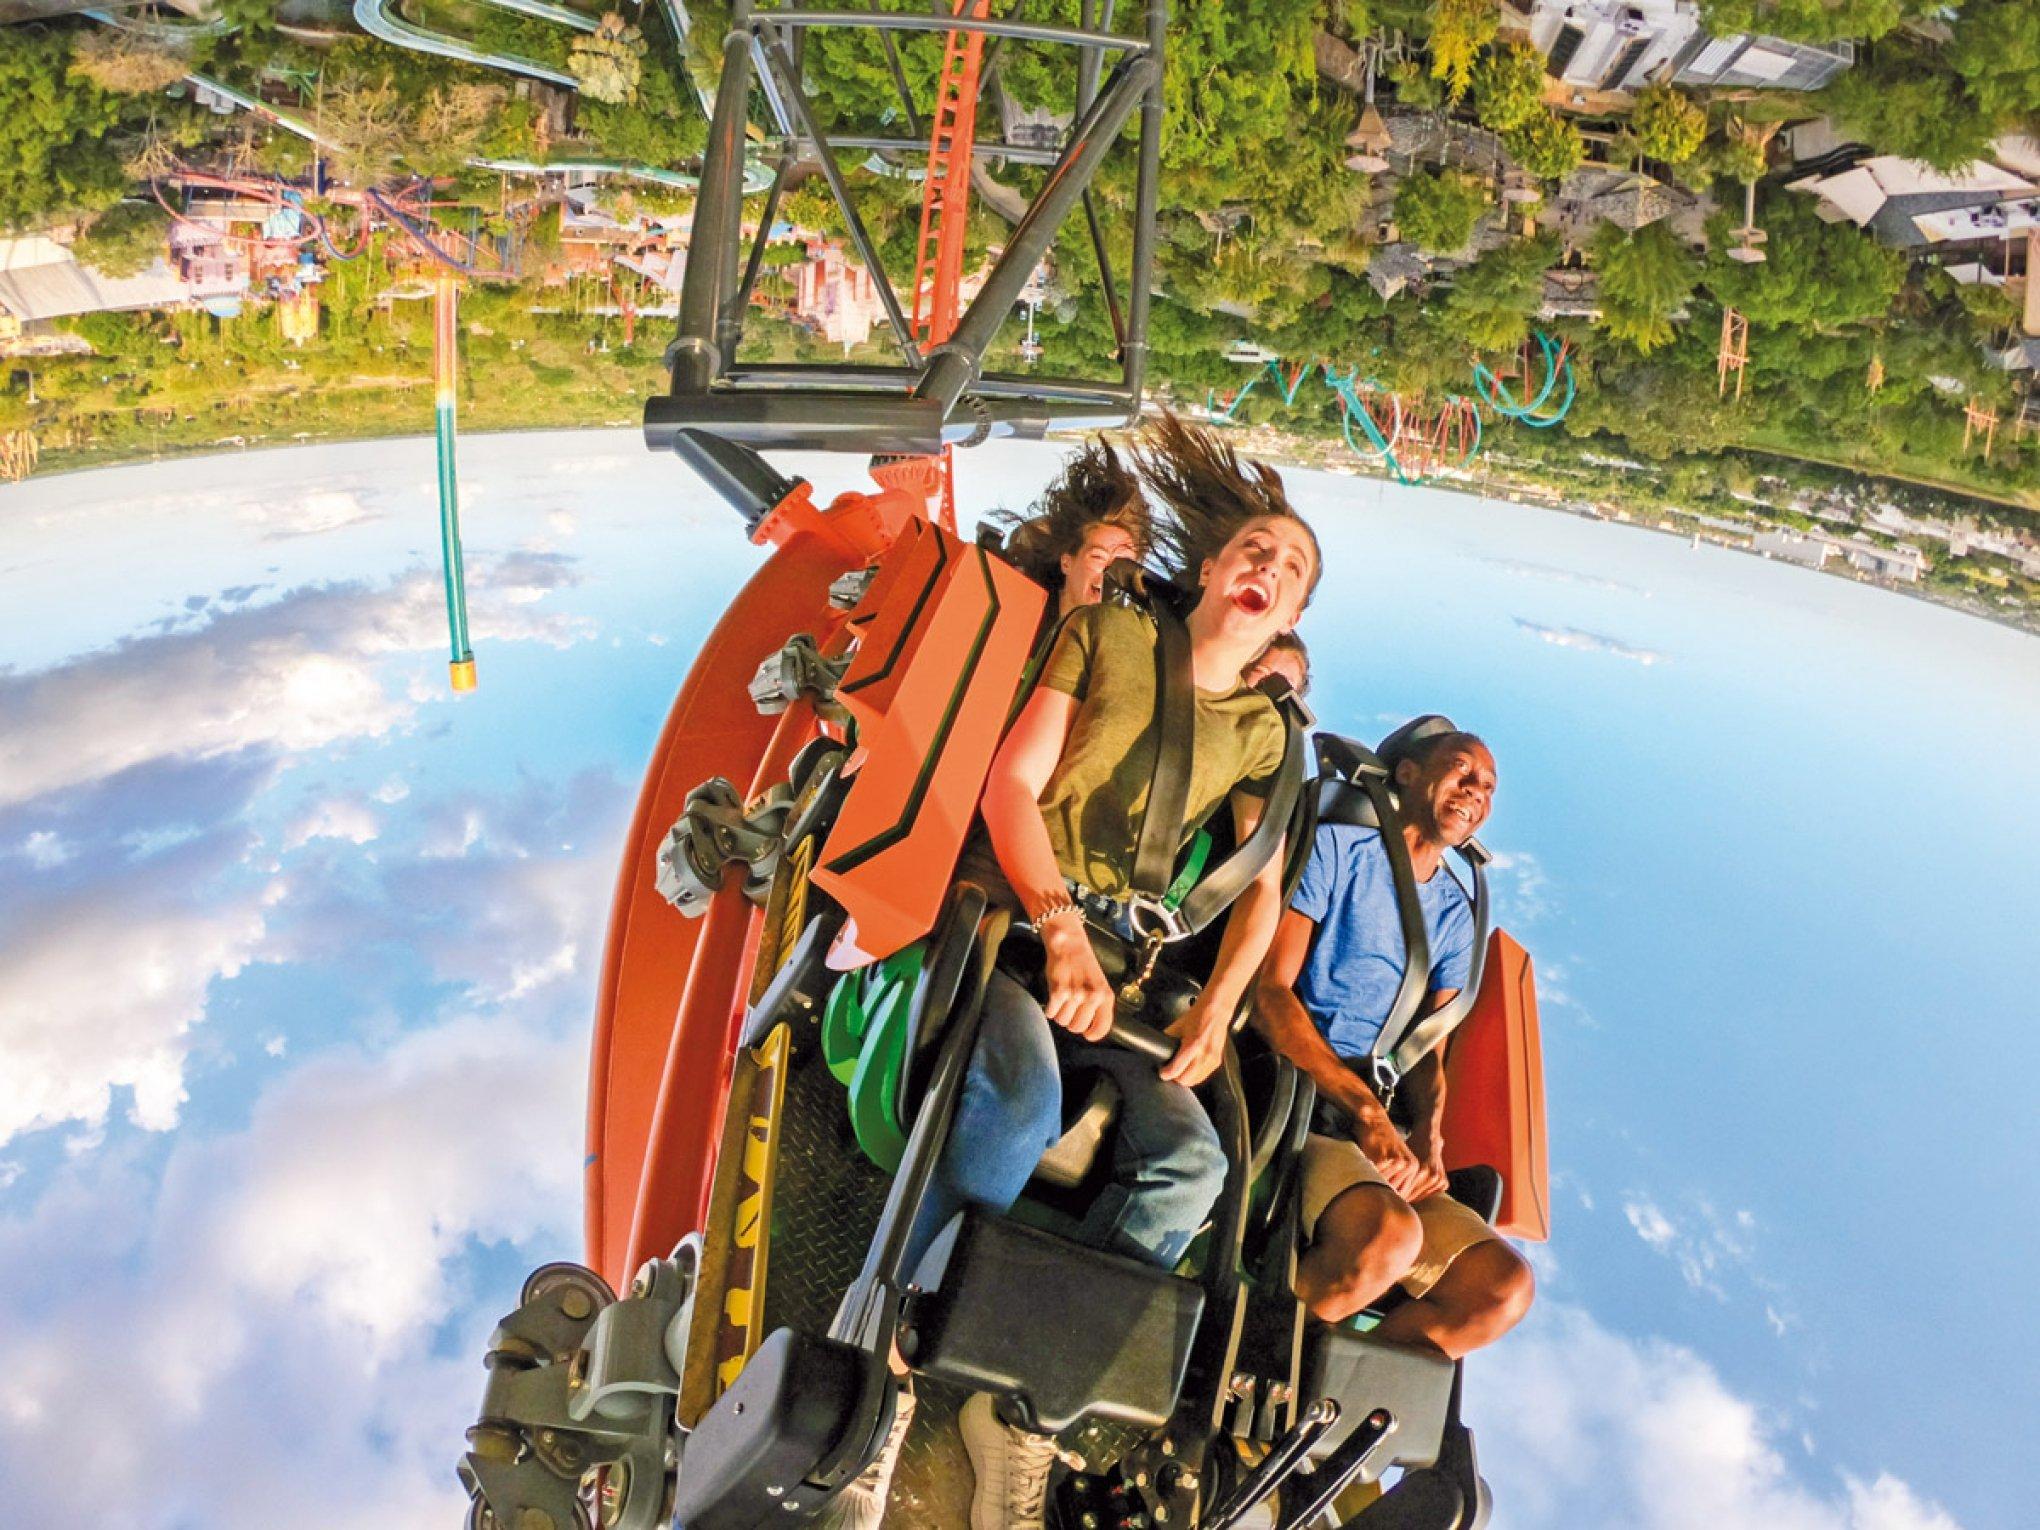 Temporada de verão em Orlando - Turismo - Like Magazine